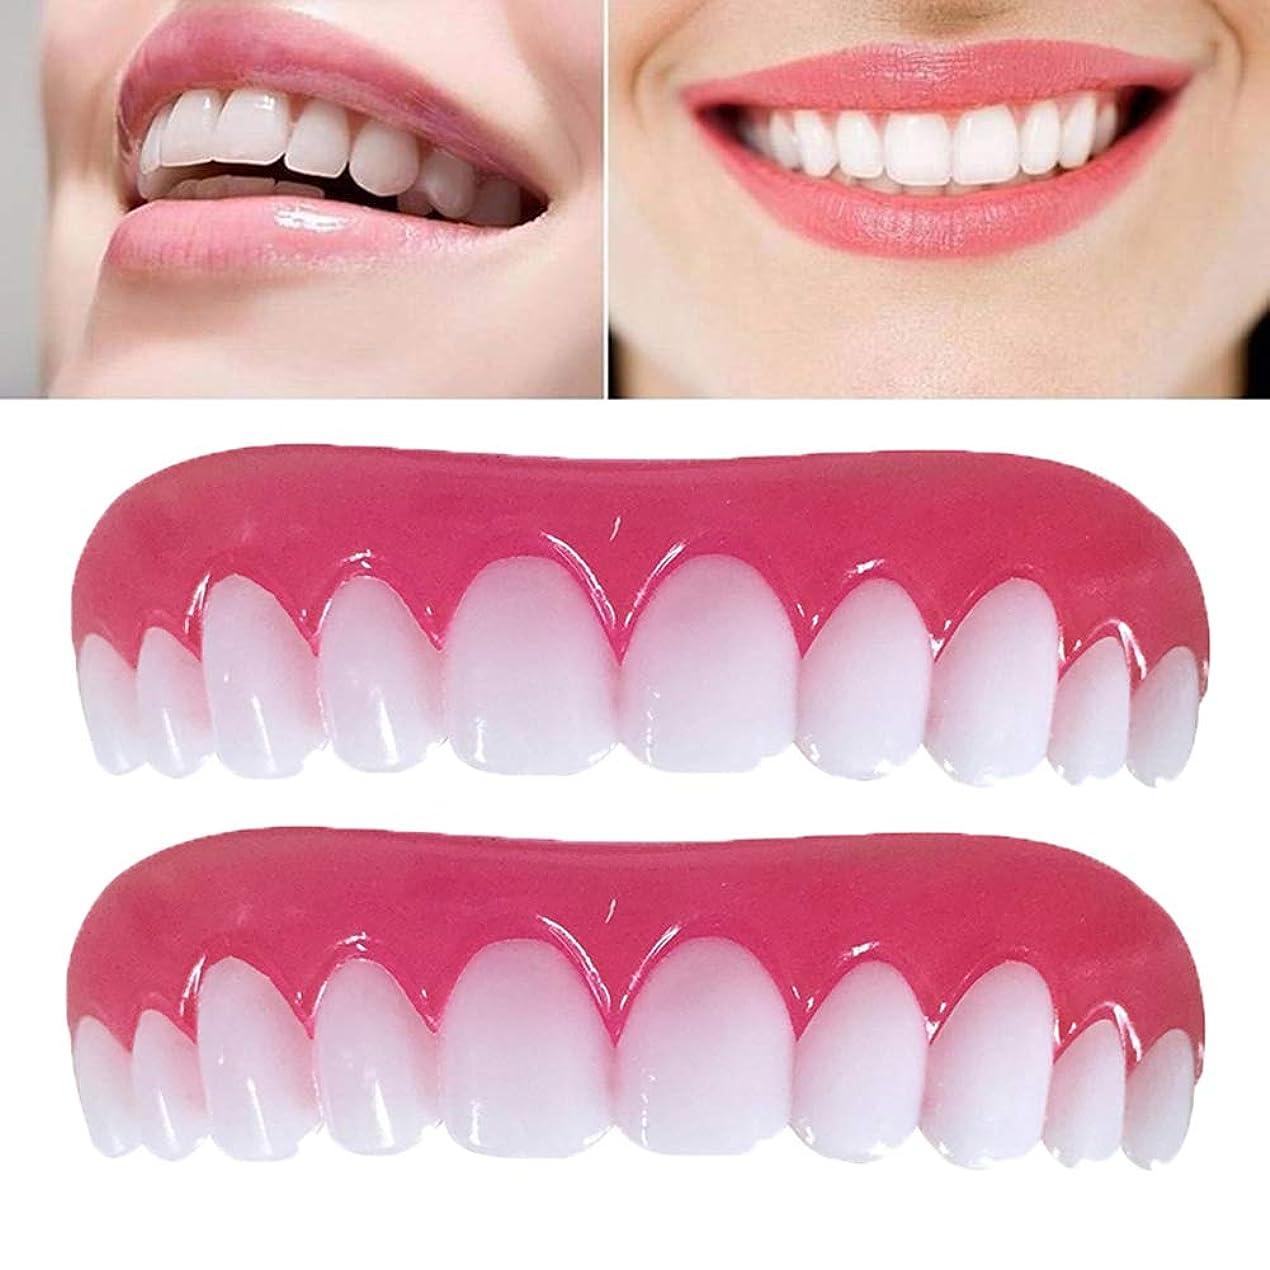 破滅検索エンジンマーケティング分割2枚の一時的な化粧品の歯の入れ歯、歯と化粧品、シミュレートされたアッパーカフ、ホワイトニングの歯、スナップキャップ、インスタントの快適さ、ソフトで完璧なベニア